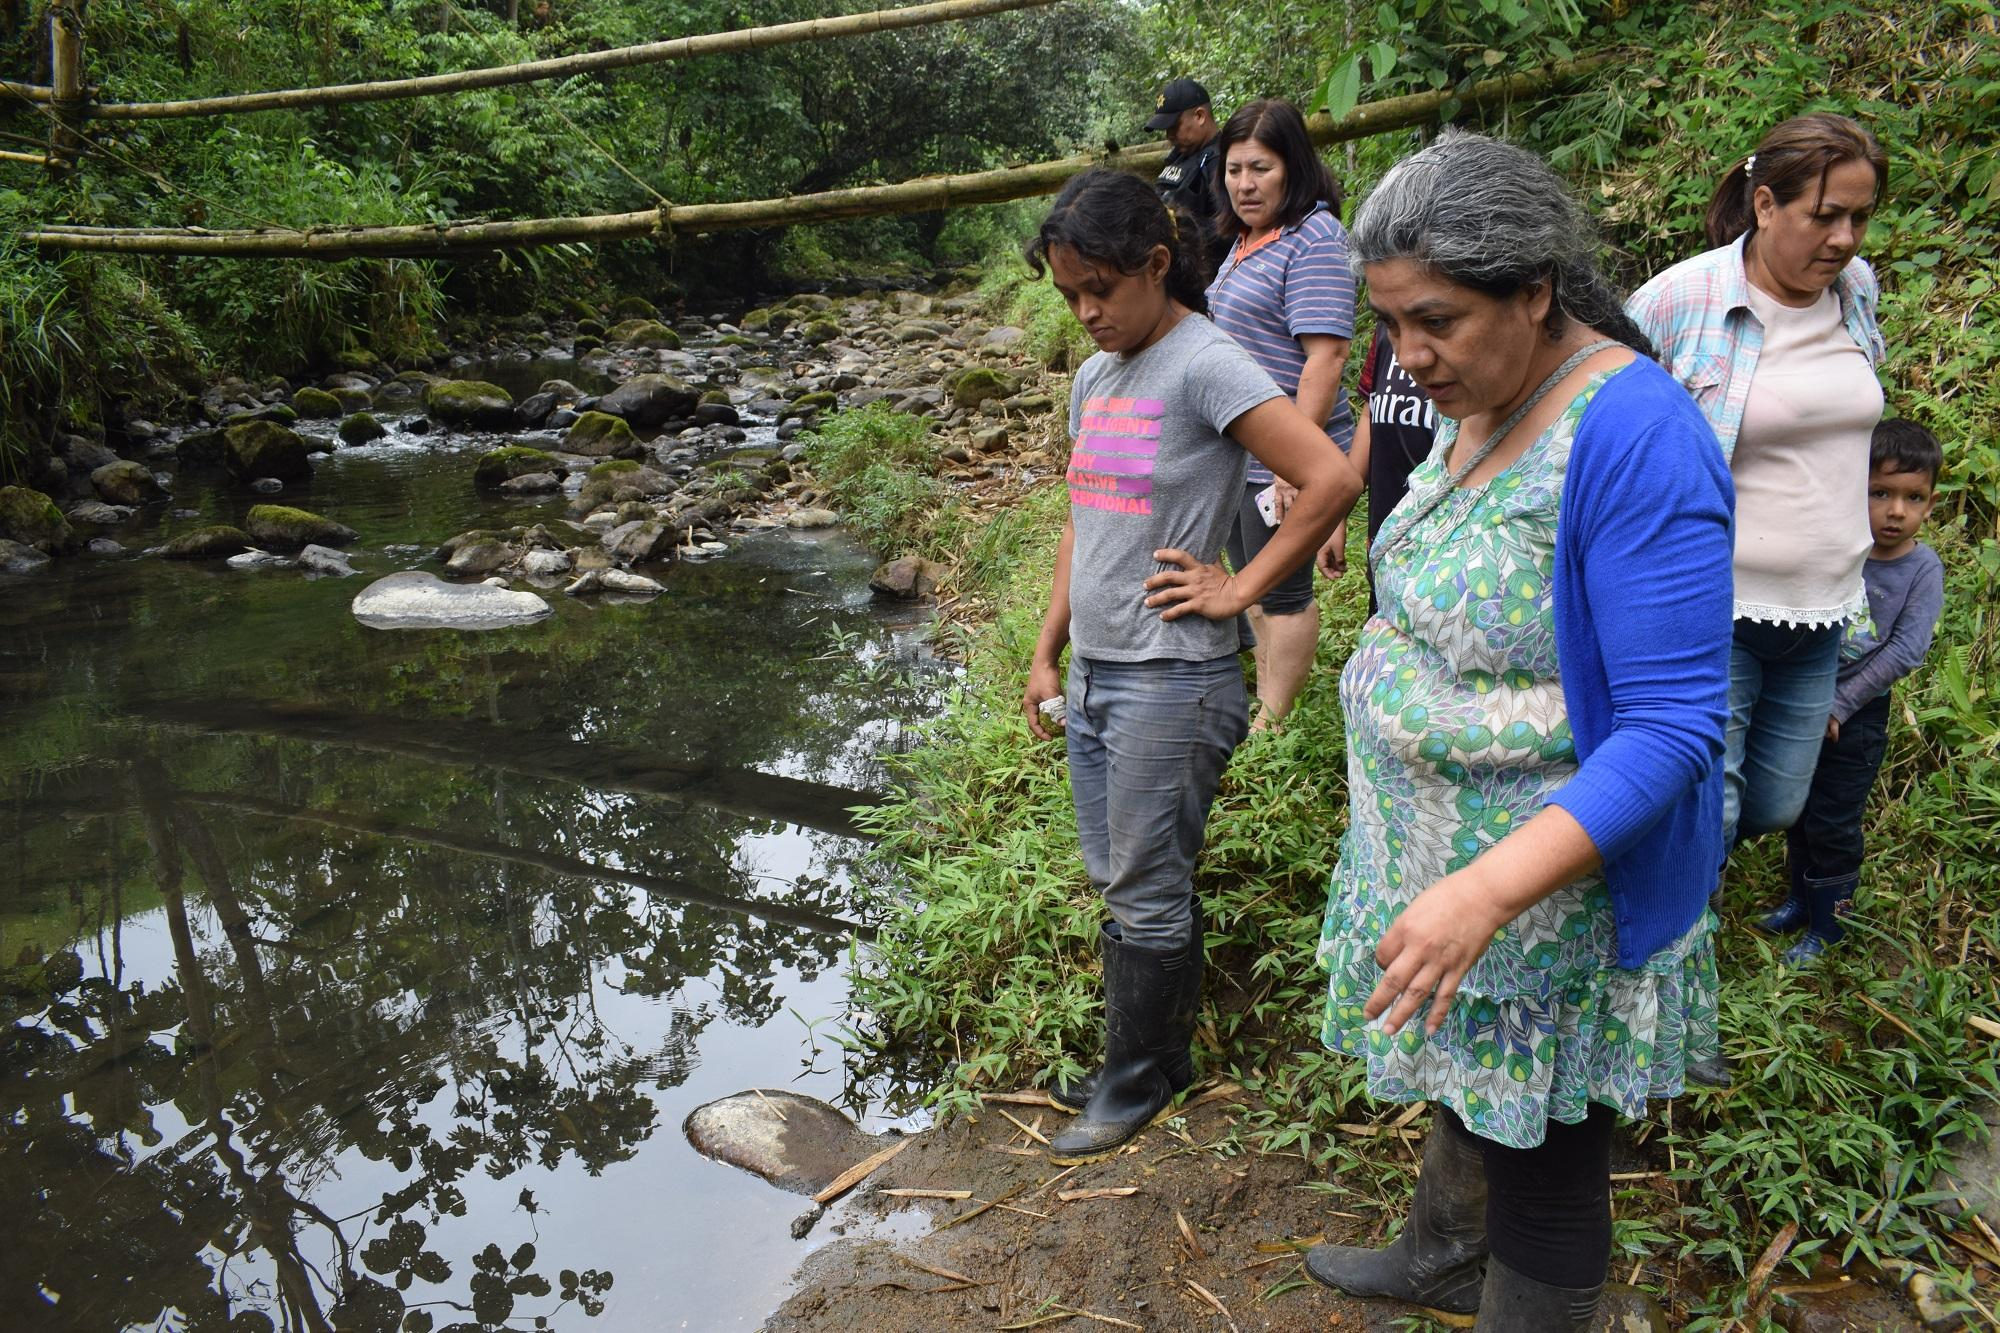 El río Mozo está contaminado